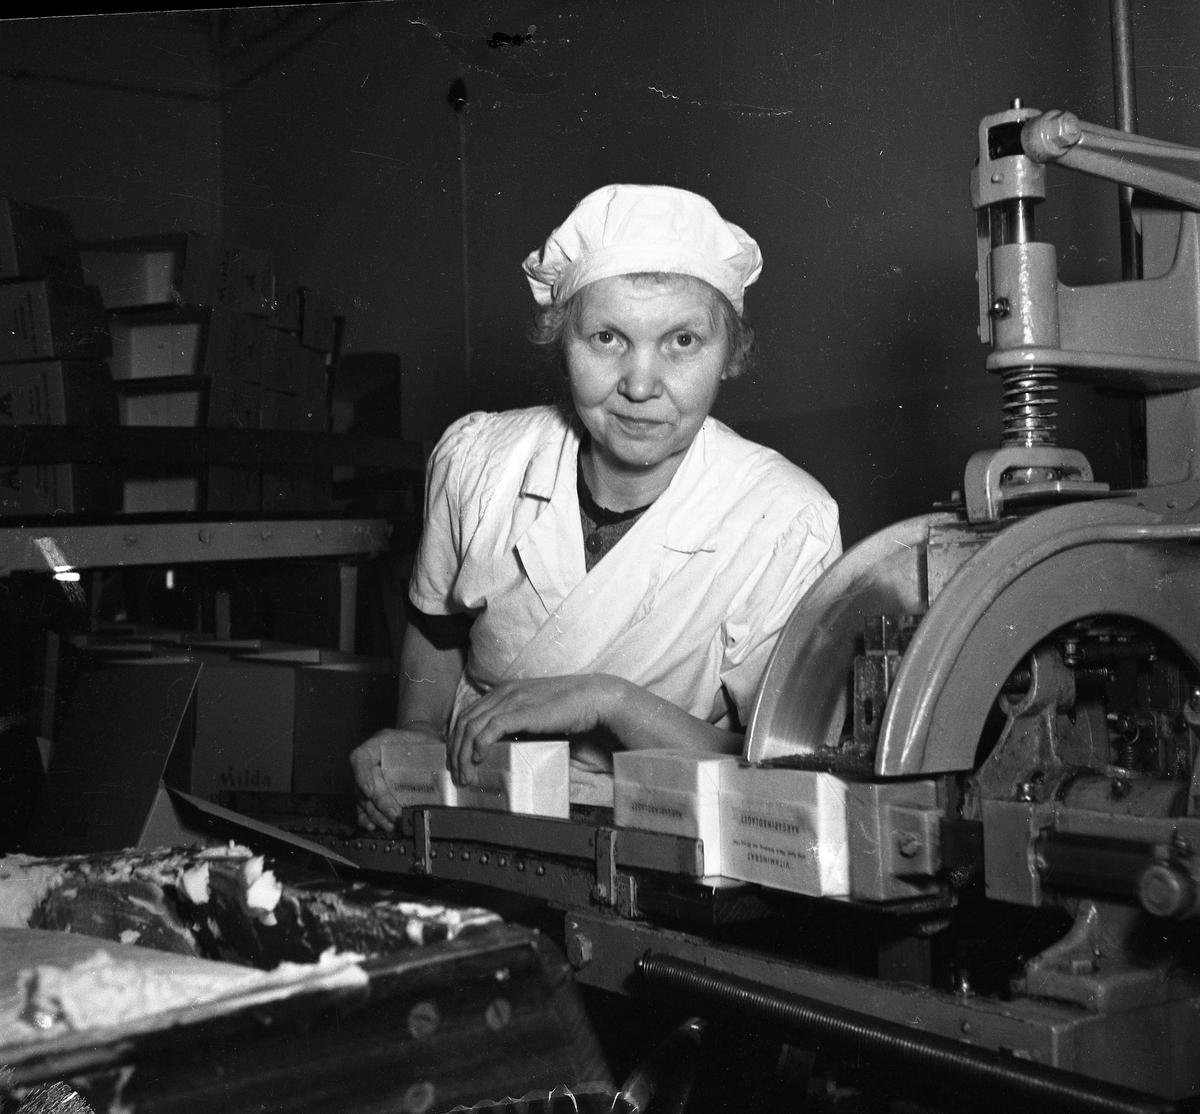 Arboga Margarinfabrik, interiör. Kvinna som skär margarin.  Edit Persson började sin anställning 1911, när hon var 14 år. Arbetet var tungt och mycket gjordes för hand. Arbetstiden varade från kl 06.00 - 18.00. Edit arbetade i fabriken tills den lades ner 1960. Det blev 49 år på samma arbetsplats.  Läs om Arboga Margarinfabrik i Arboga Minnes årsbok 1978 och Reinhold Carlssons bok Arboga objektivt sett.